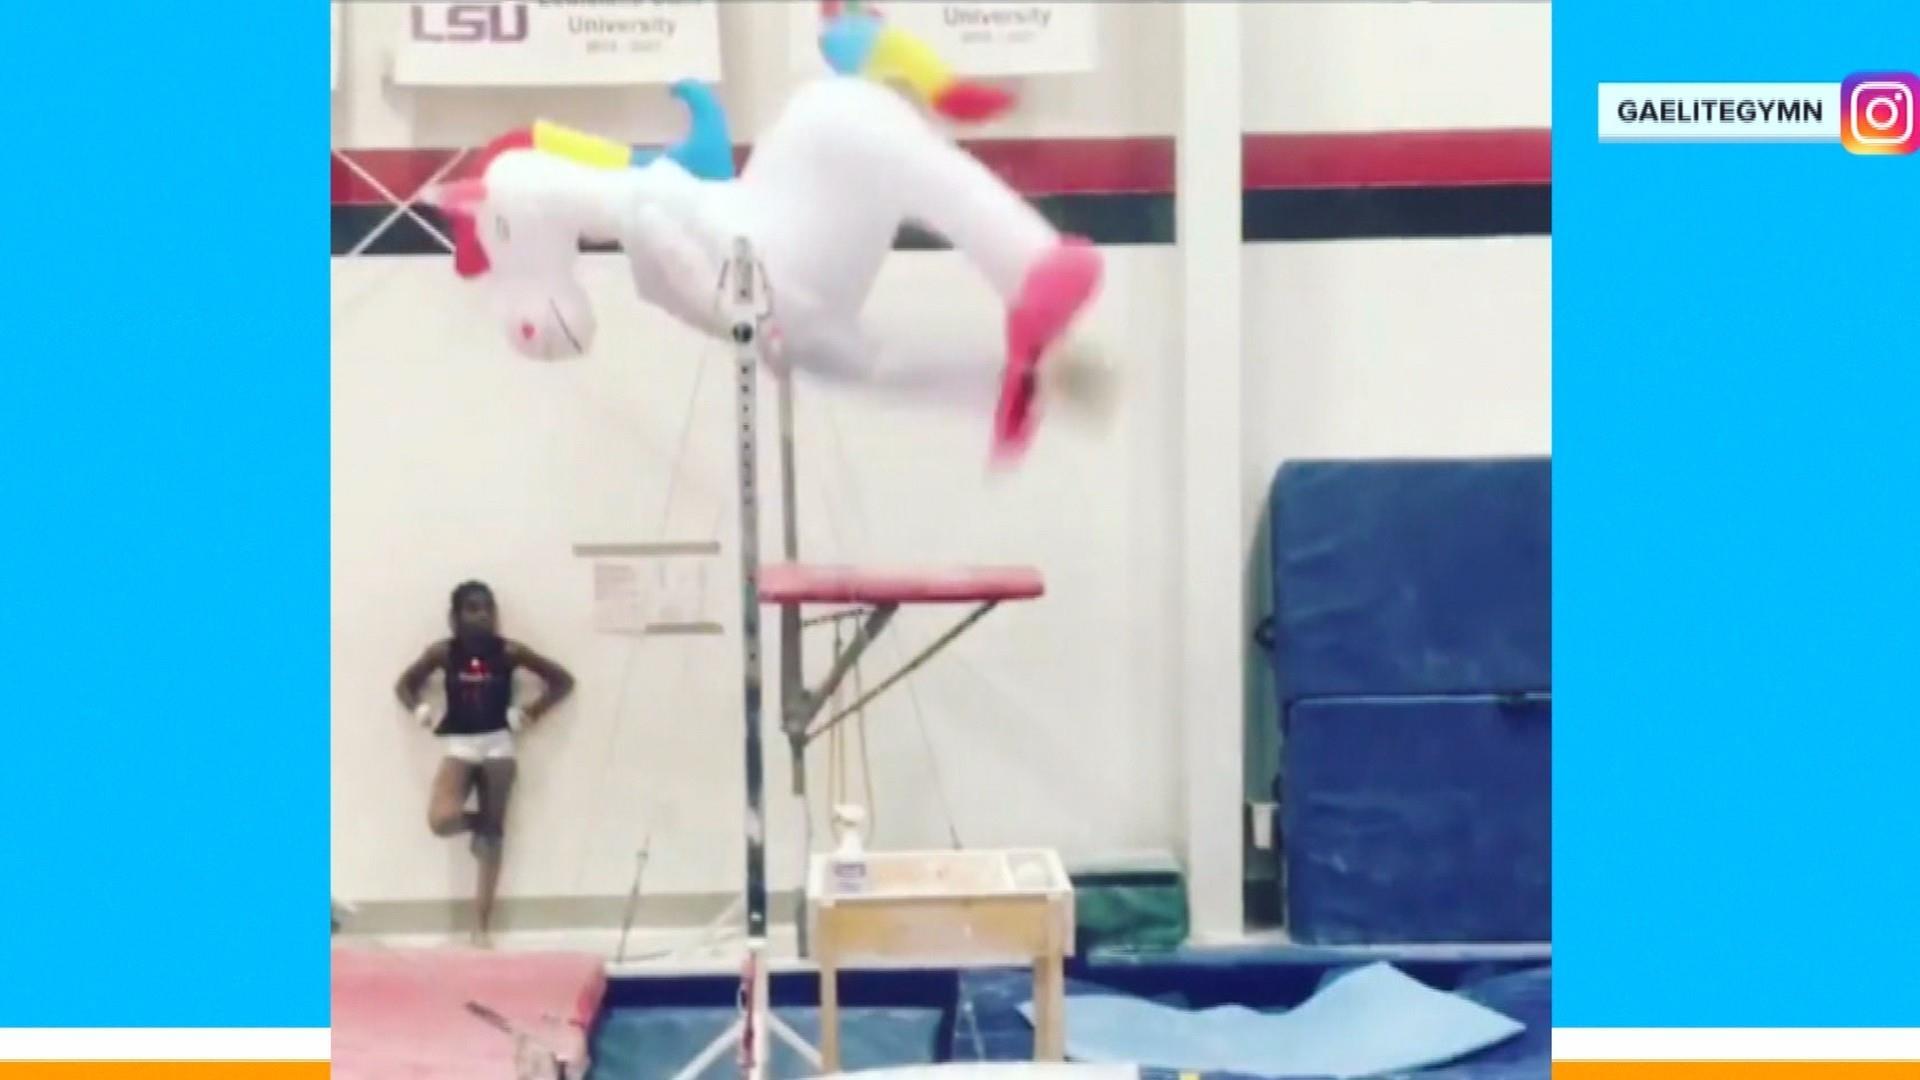 Watch: 'Unicorn' mesmerizes with amazing gymnastics routine